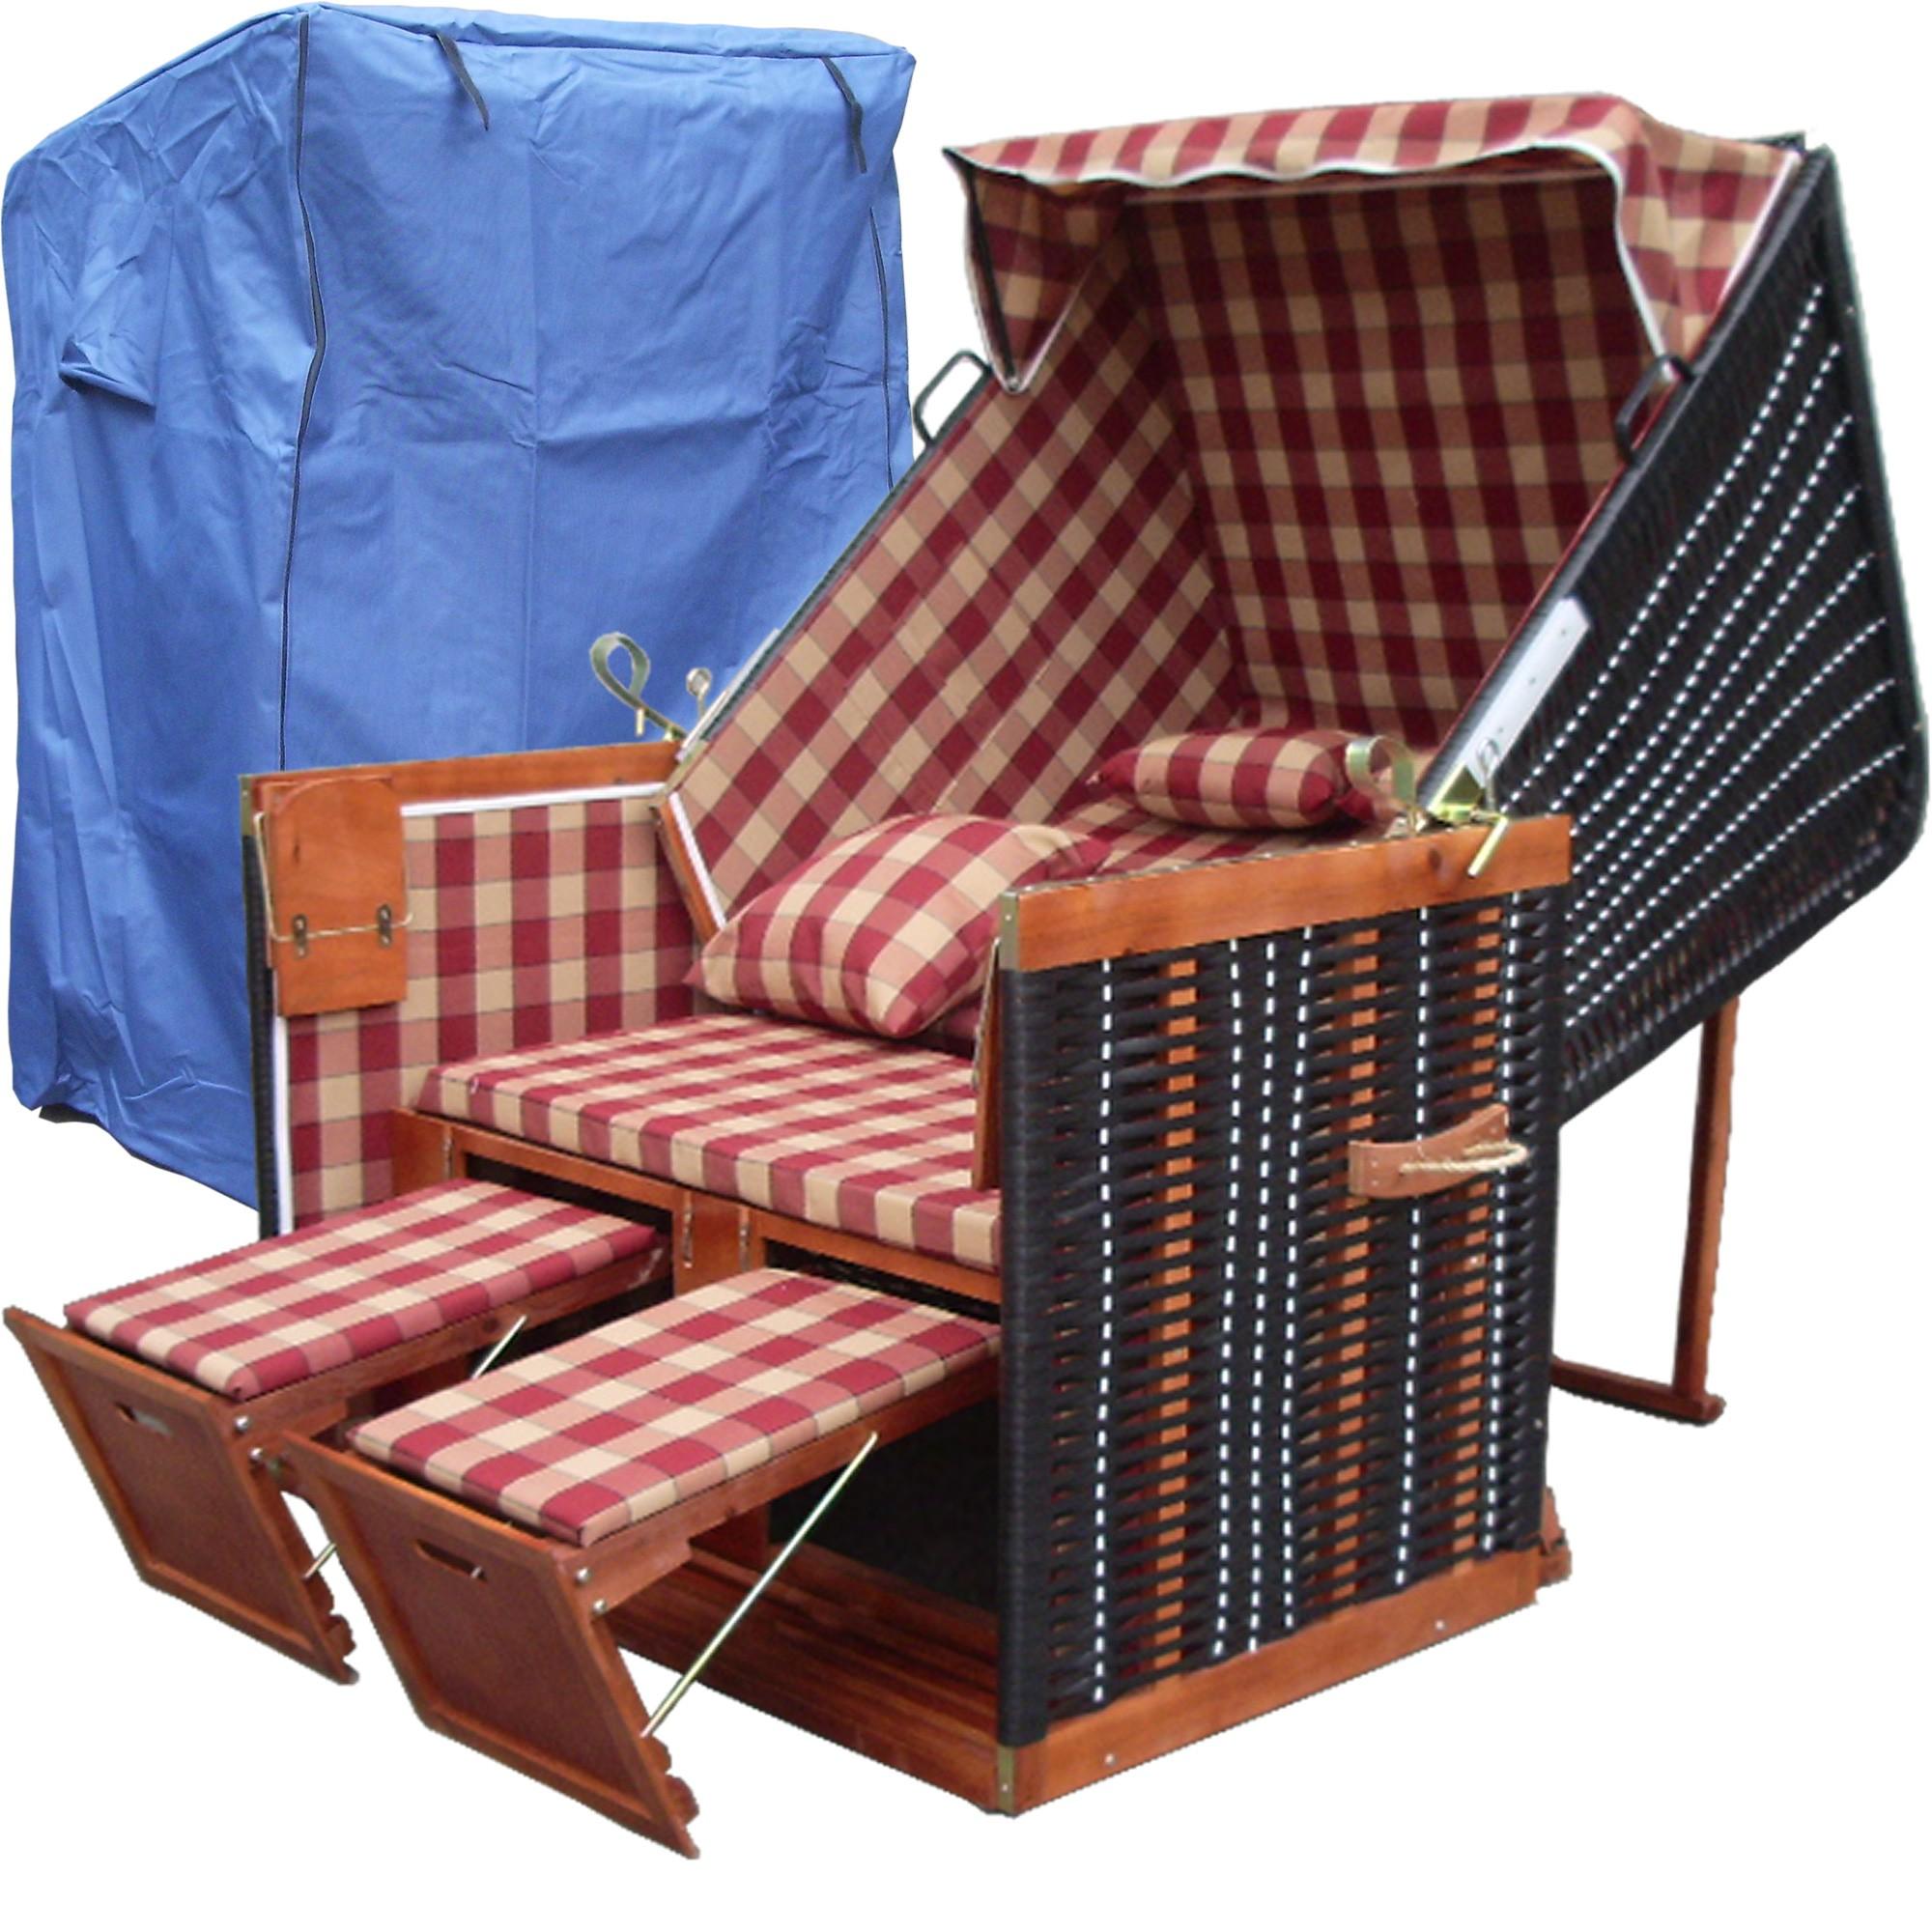 strandkorb bielefeld g nstig bielefelder strandkorb kaufen. Black Bedroom Furniture Sets. Home Design Ideas